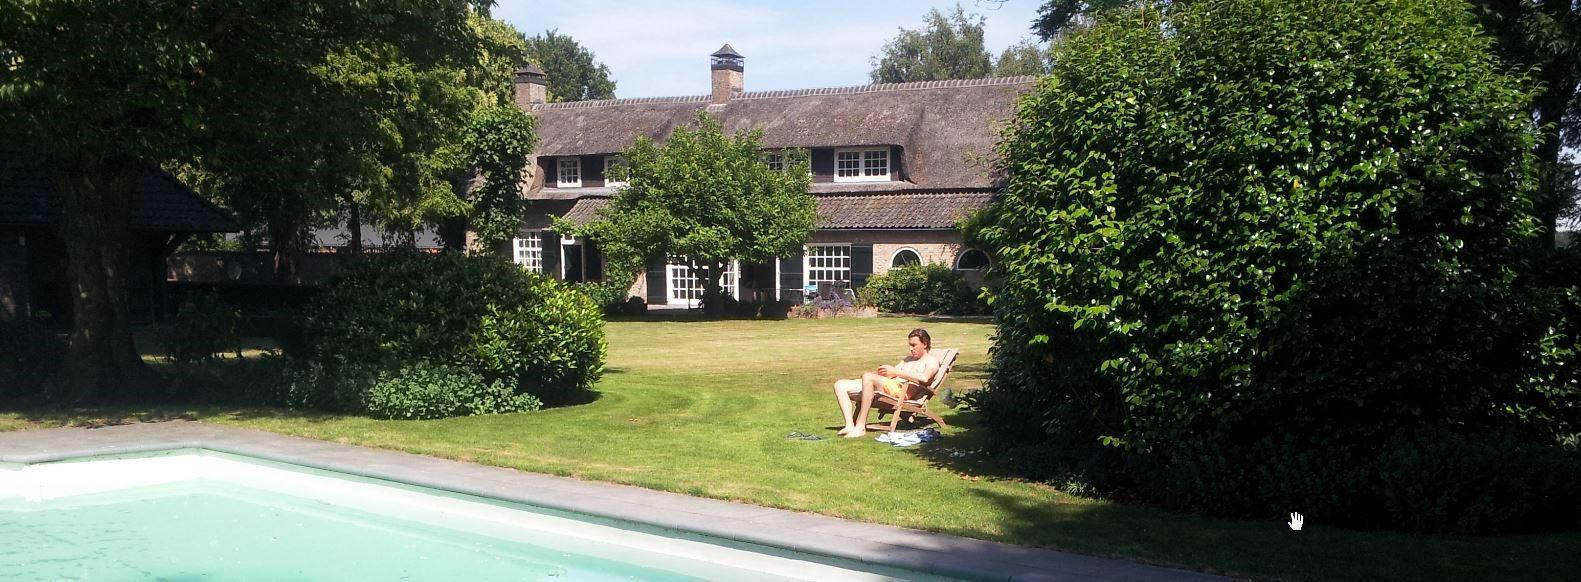 Vakantiehuis, Nederland, Brabant, zwembad, luxe, vakantie, weekendje weg, villa, boerderij, familie, natuur